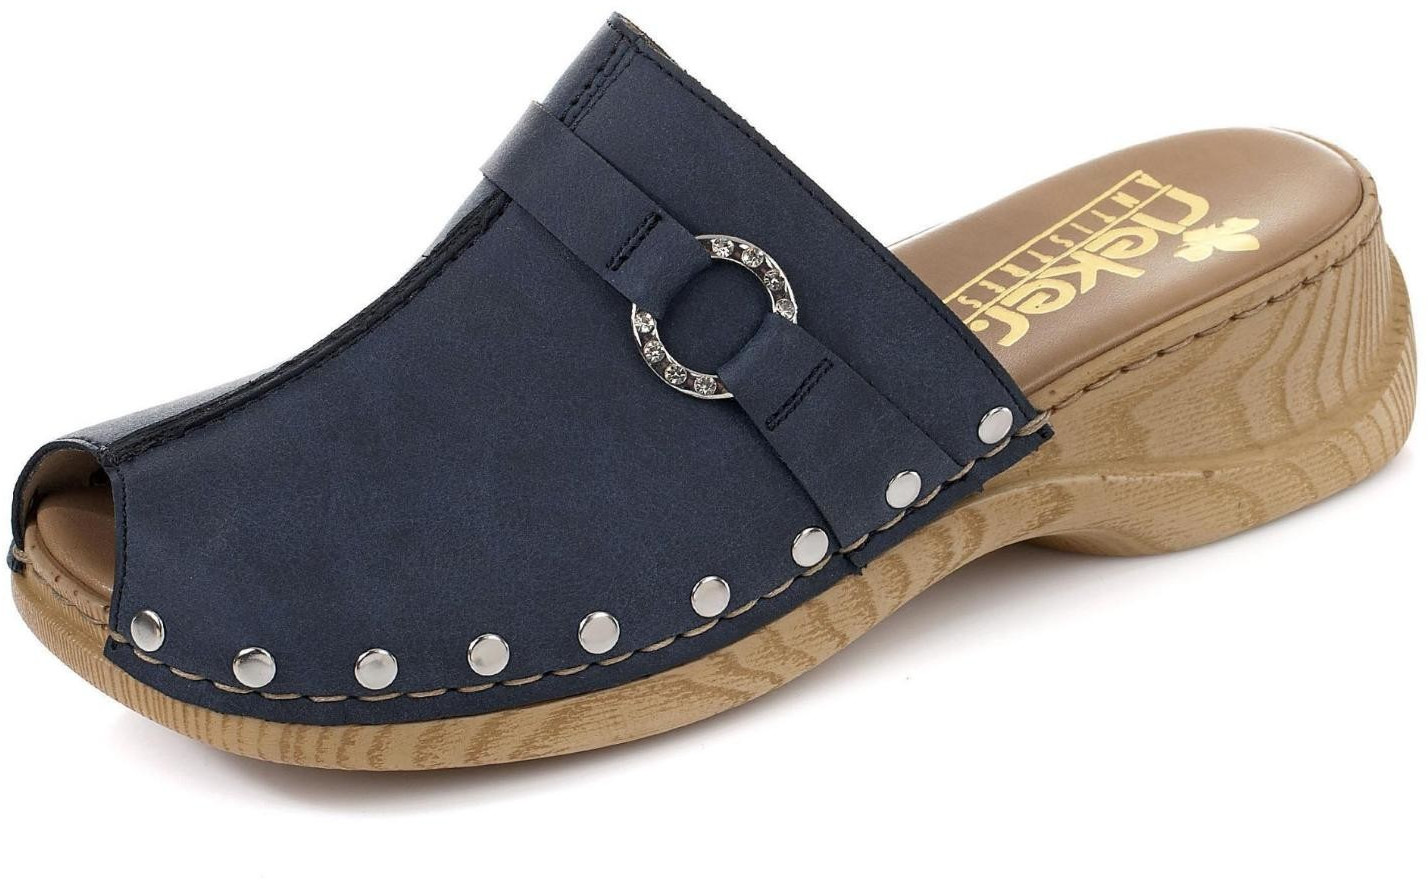 Rieker Women's Clogs (65062) blue